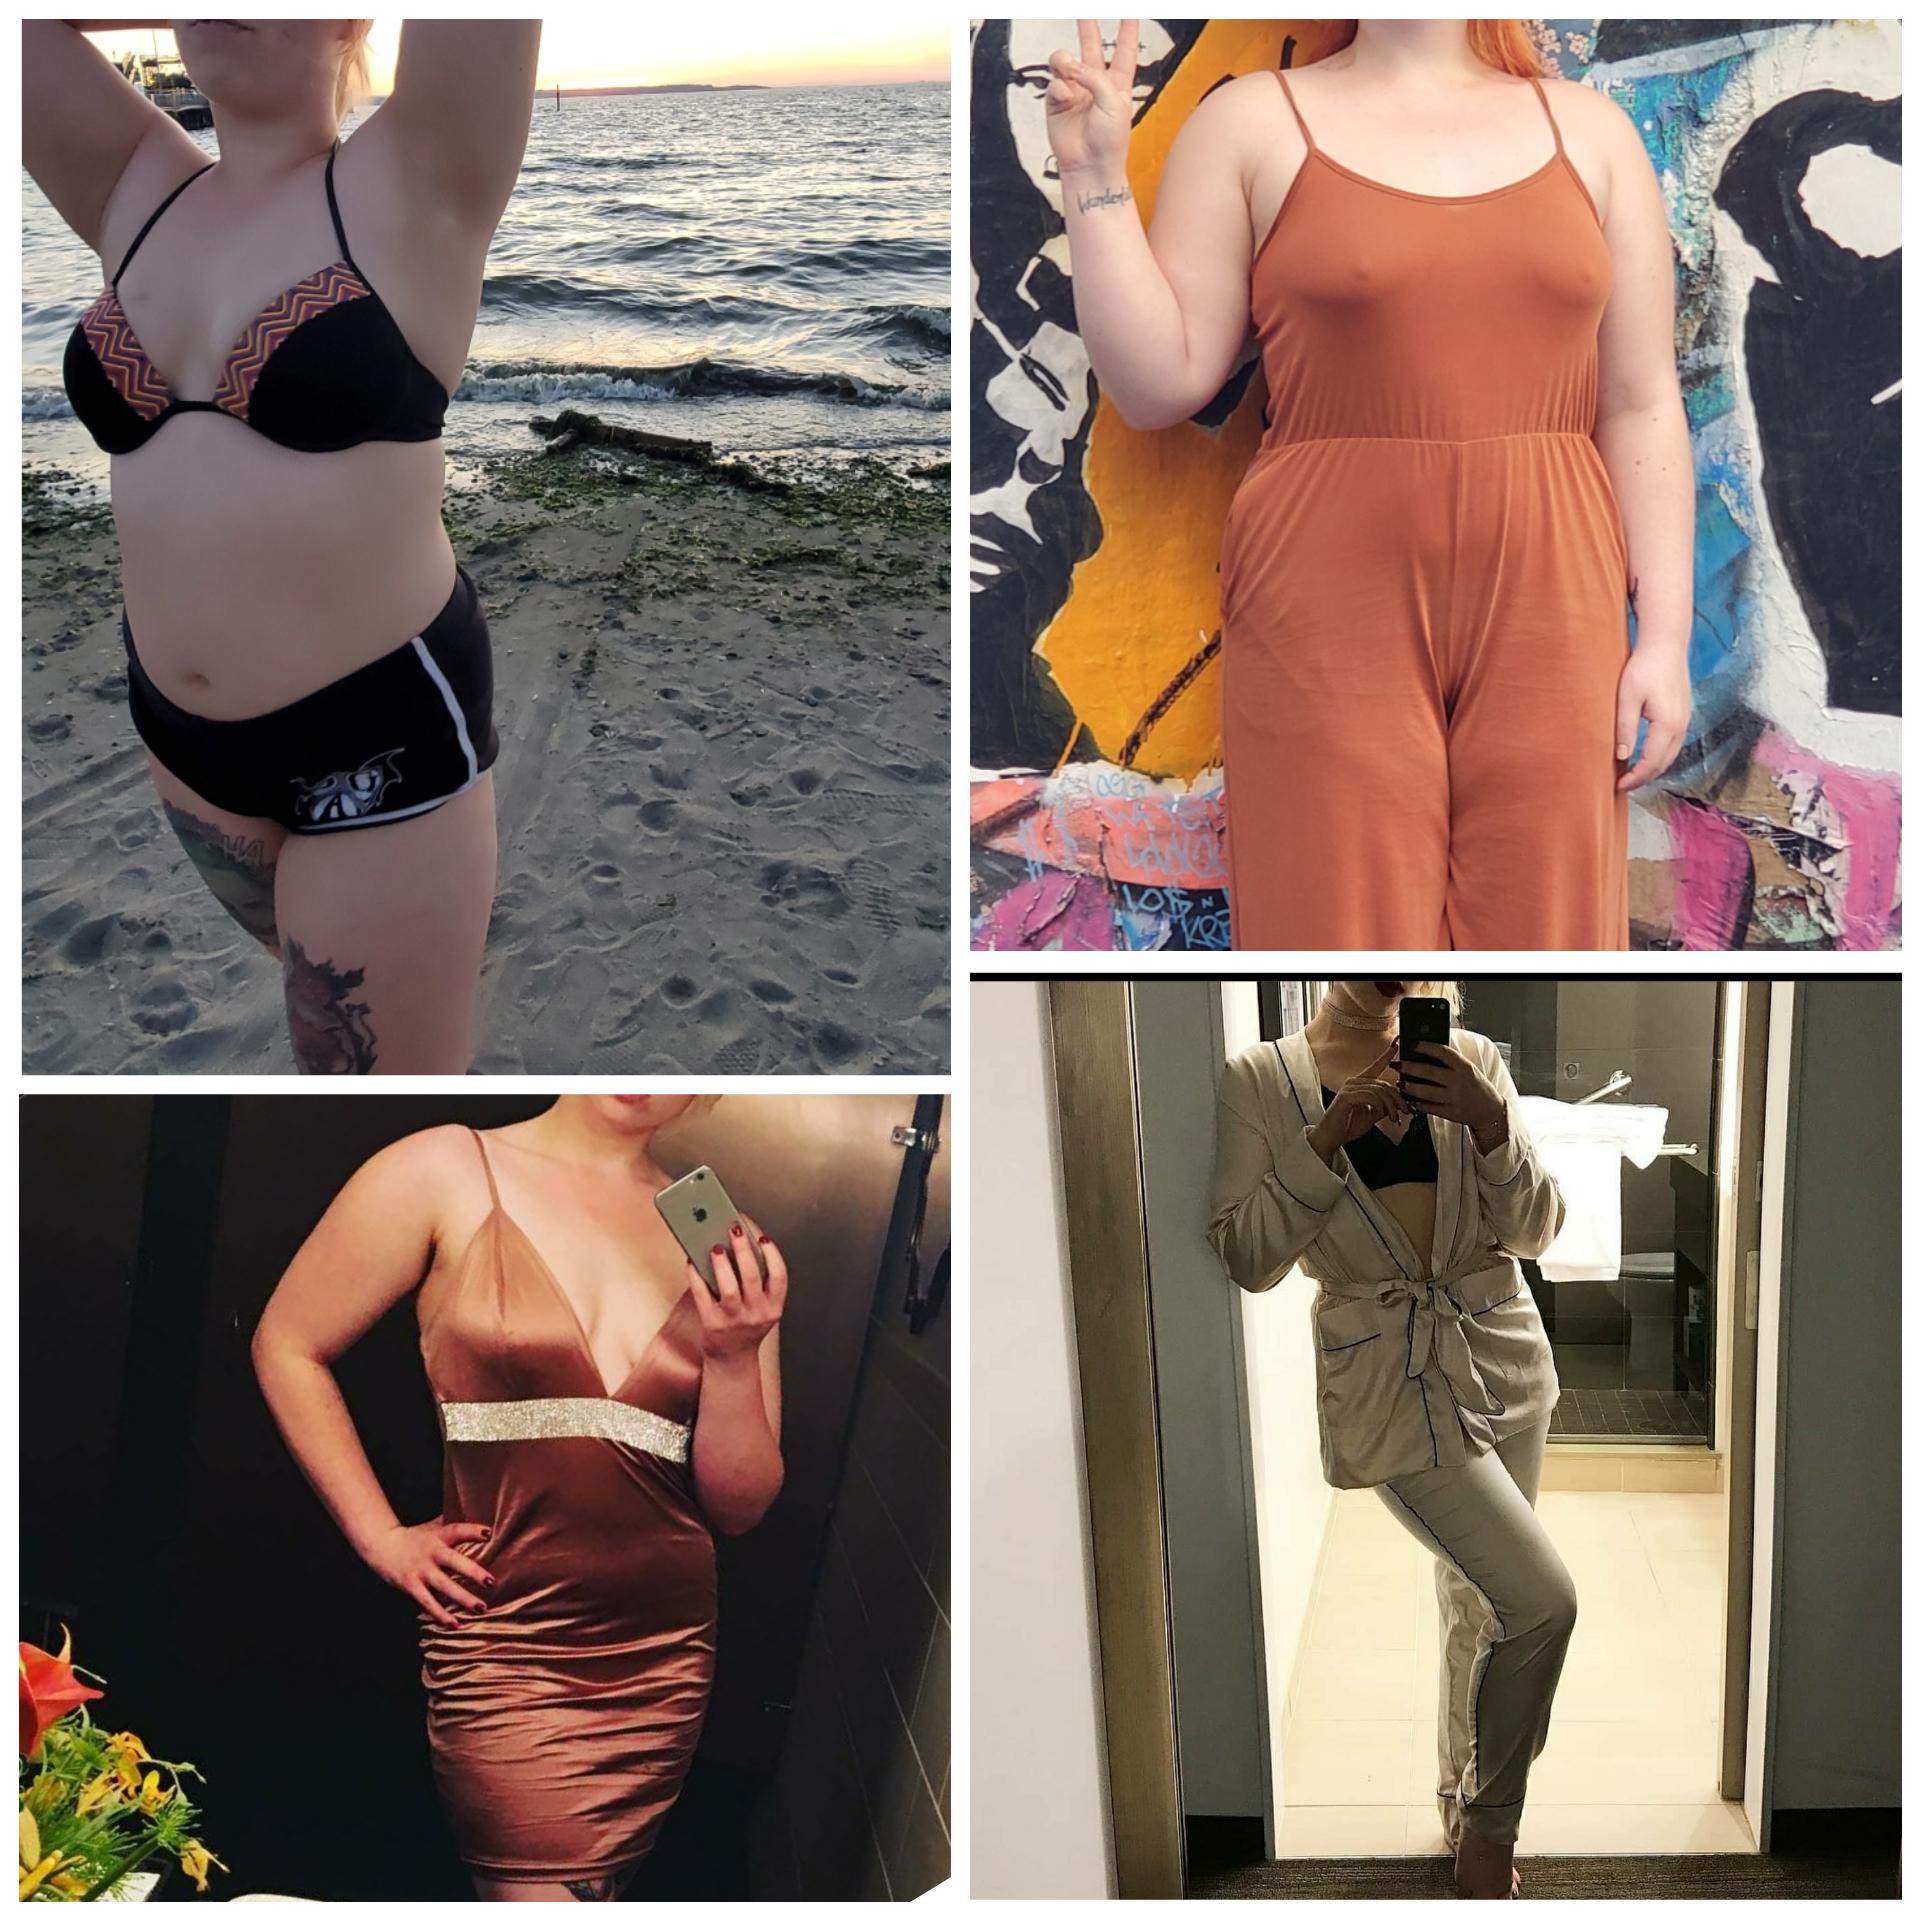 5 foot 5 Female Progress Pics of 50 lbs Fat Loss 200 lbs to 150 lbs